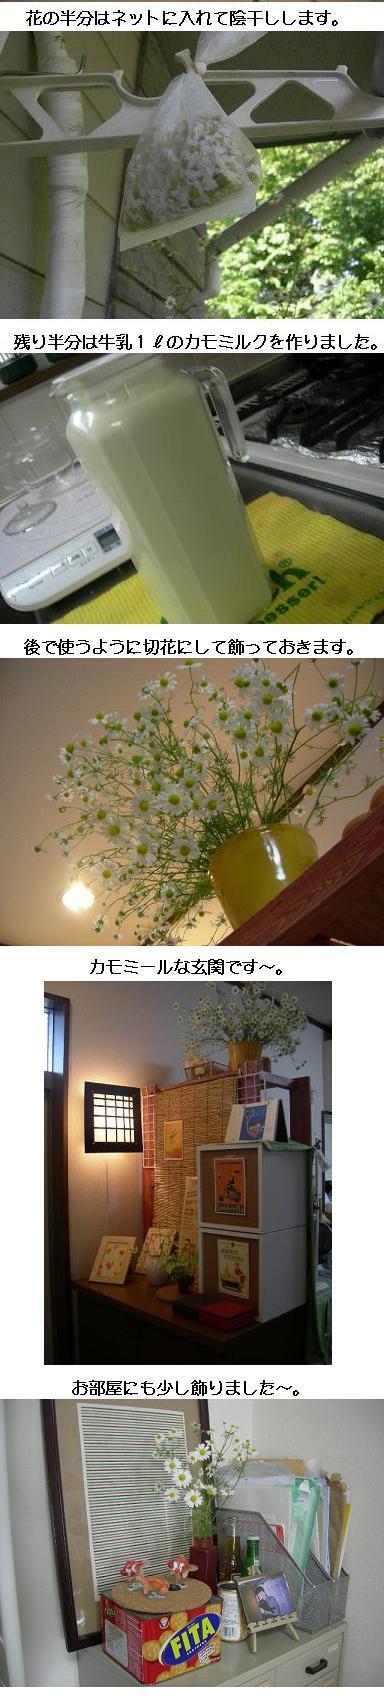 画像 029.jpg